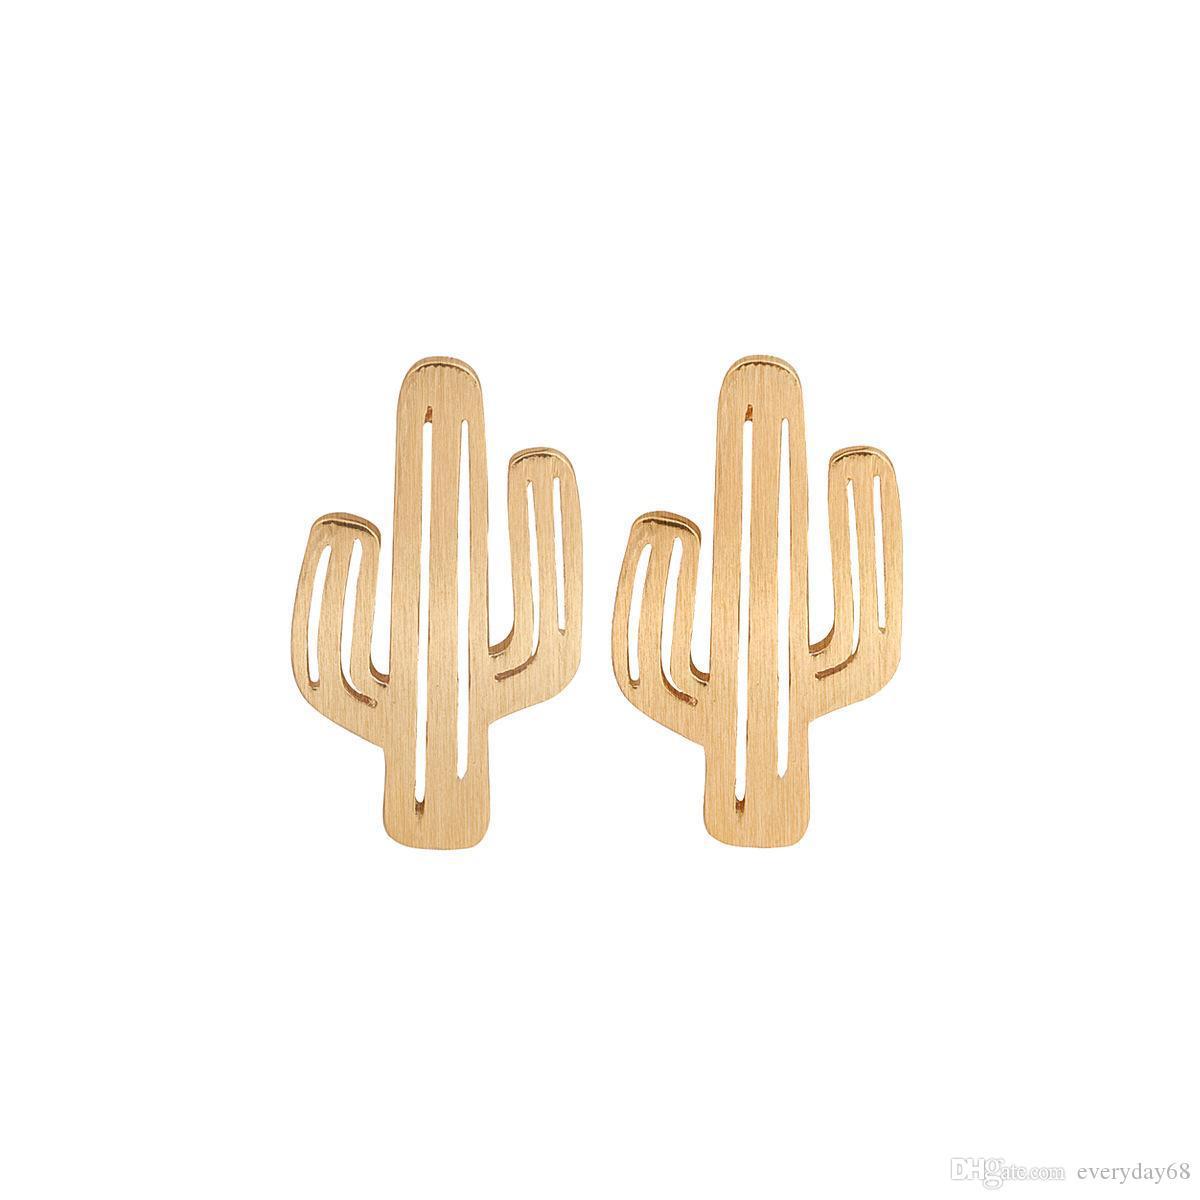 Minimalist höhlt Kaktus Ohrstecker für Frauen einzigartige Design-Legierung Rose Gold-Silber-Vergoldung verziert Ohrringe neue Mode-Schmuck